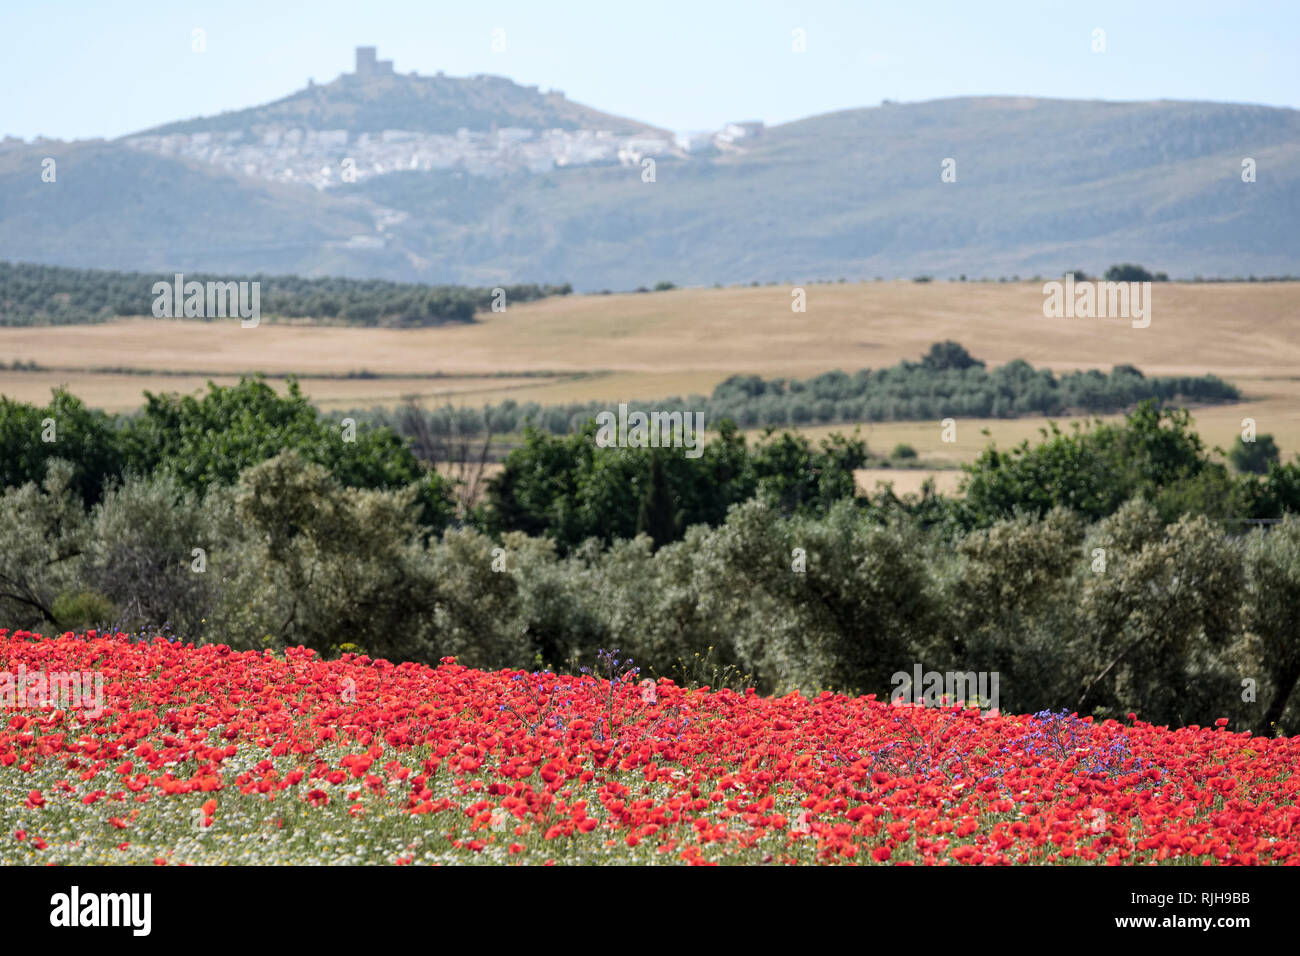 Papaveri rossi, Papaver rhoeas, e comuni Margherite, Bellis perennis in primo piano in un campo di ulivi. Il castello di Teba in background. Immagini Stock